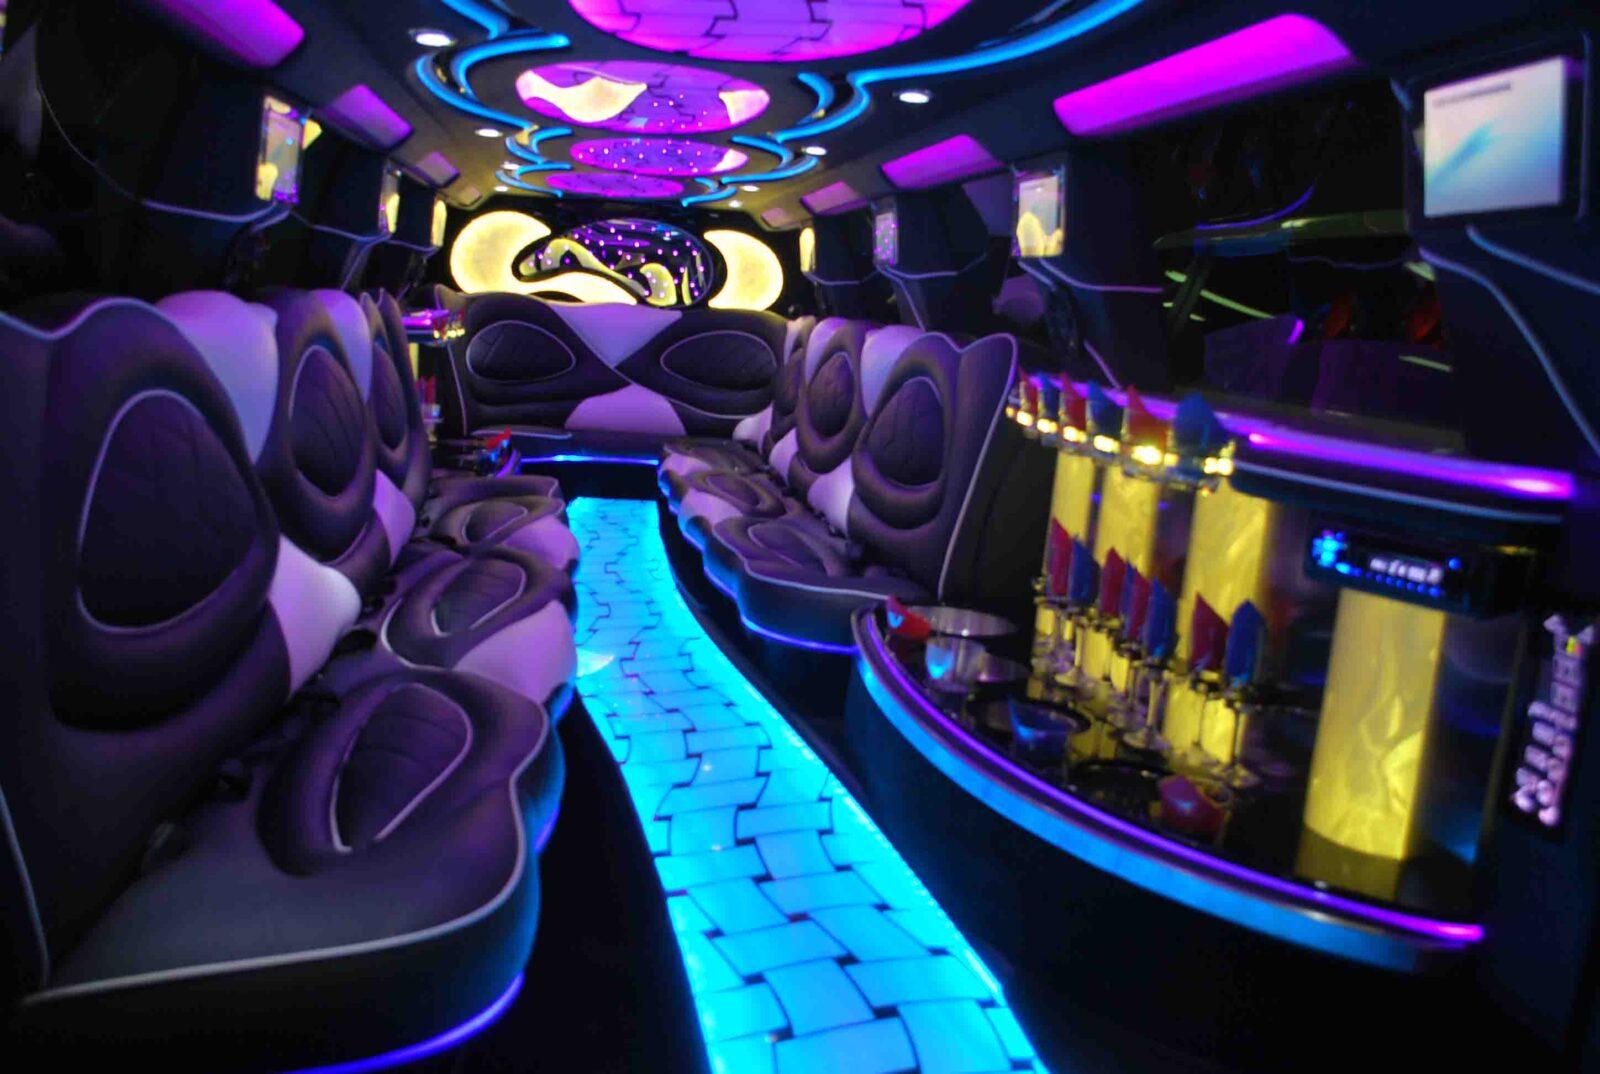 Double Axle Escalade Interior Limousine